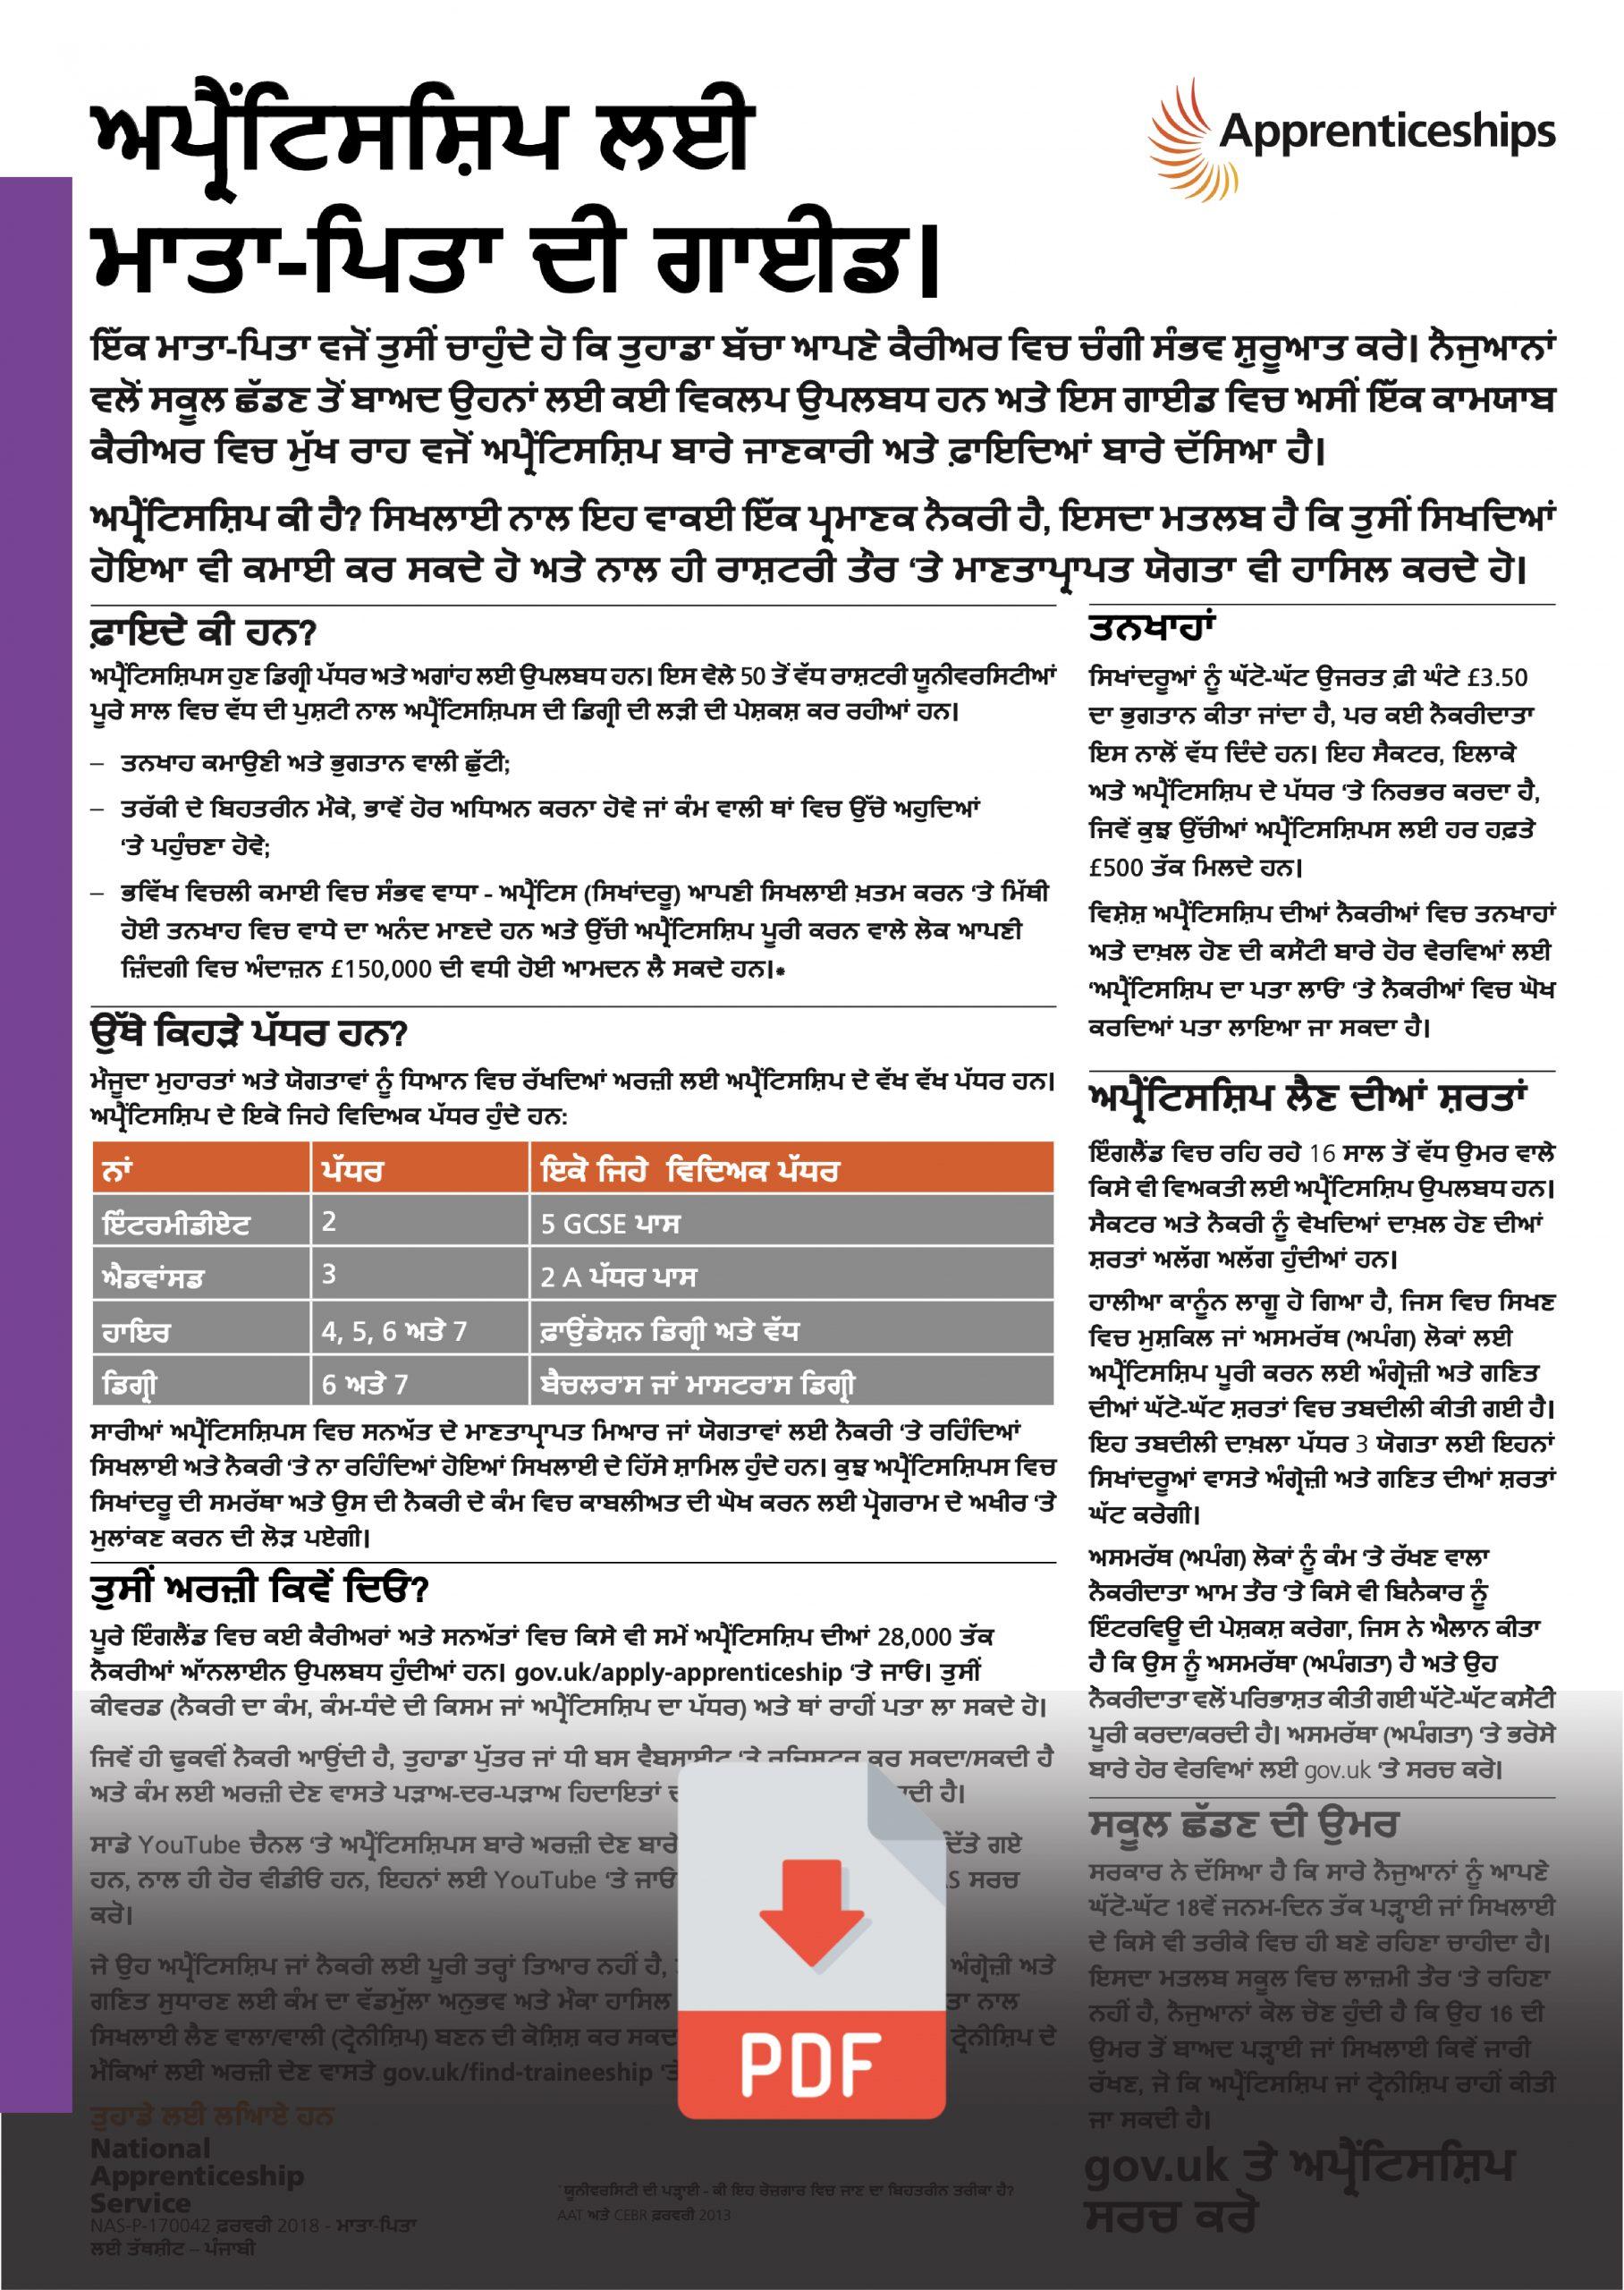 Punjabi Parents Apprenticeships Information Guide